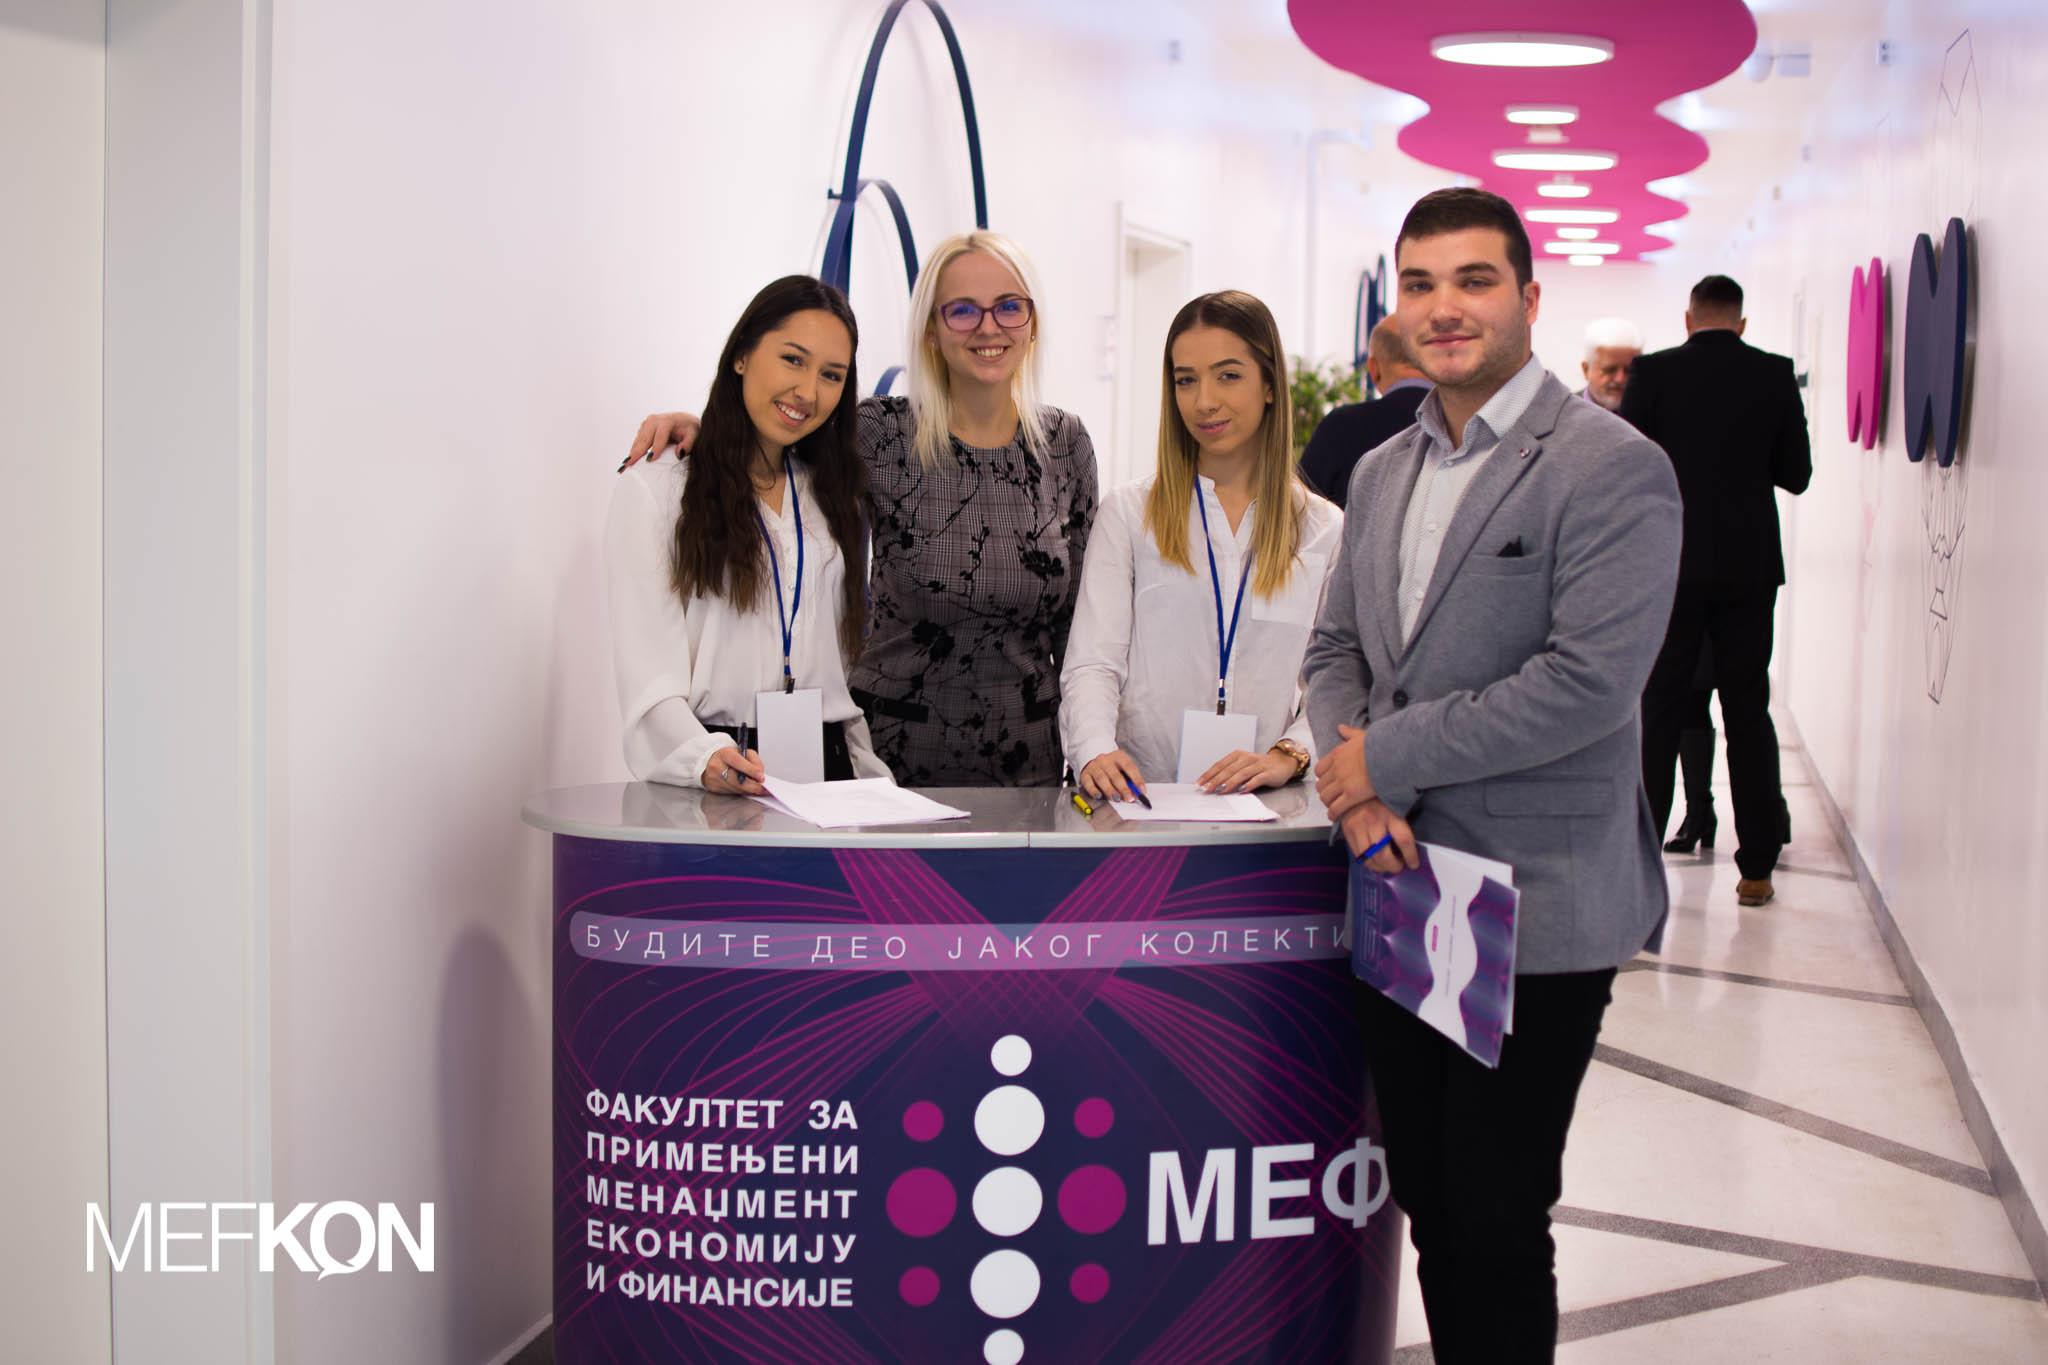 MEF Fakultet - izvestaj sa konferencije 2019 2